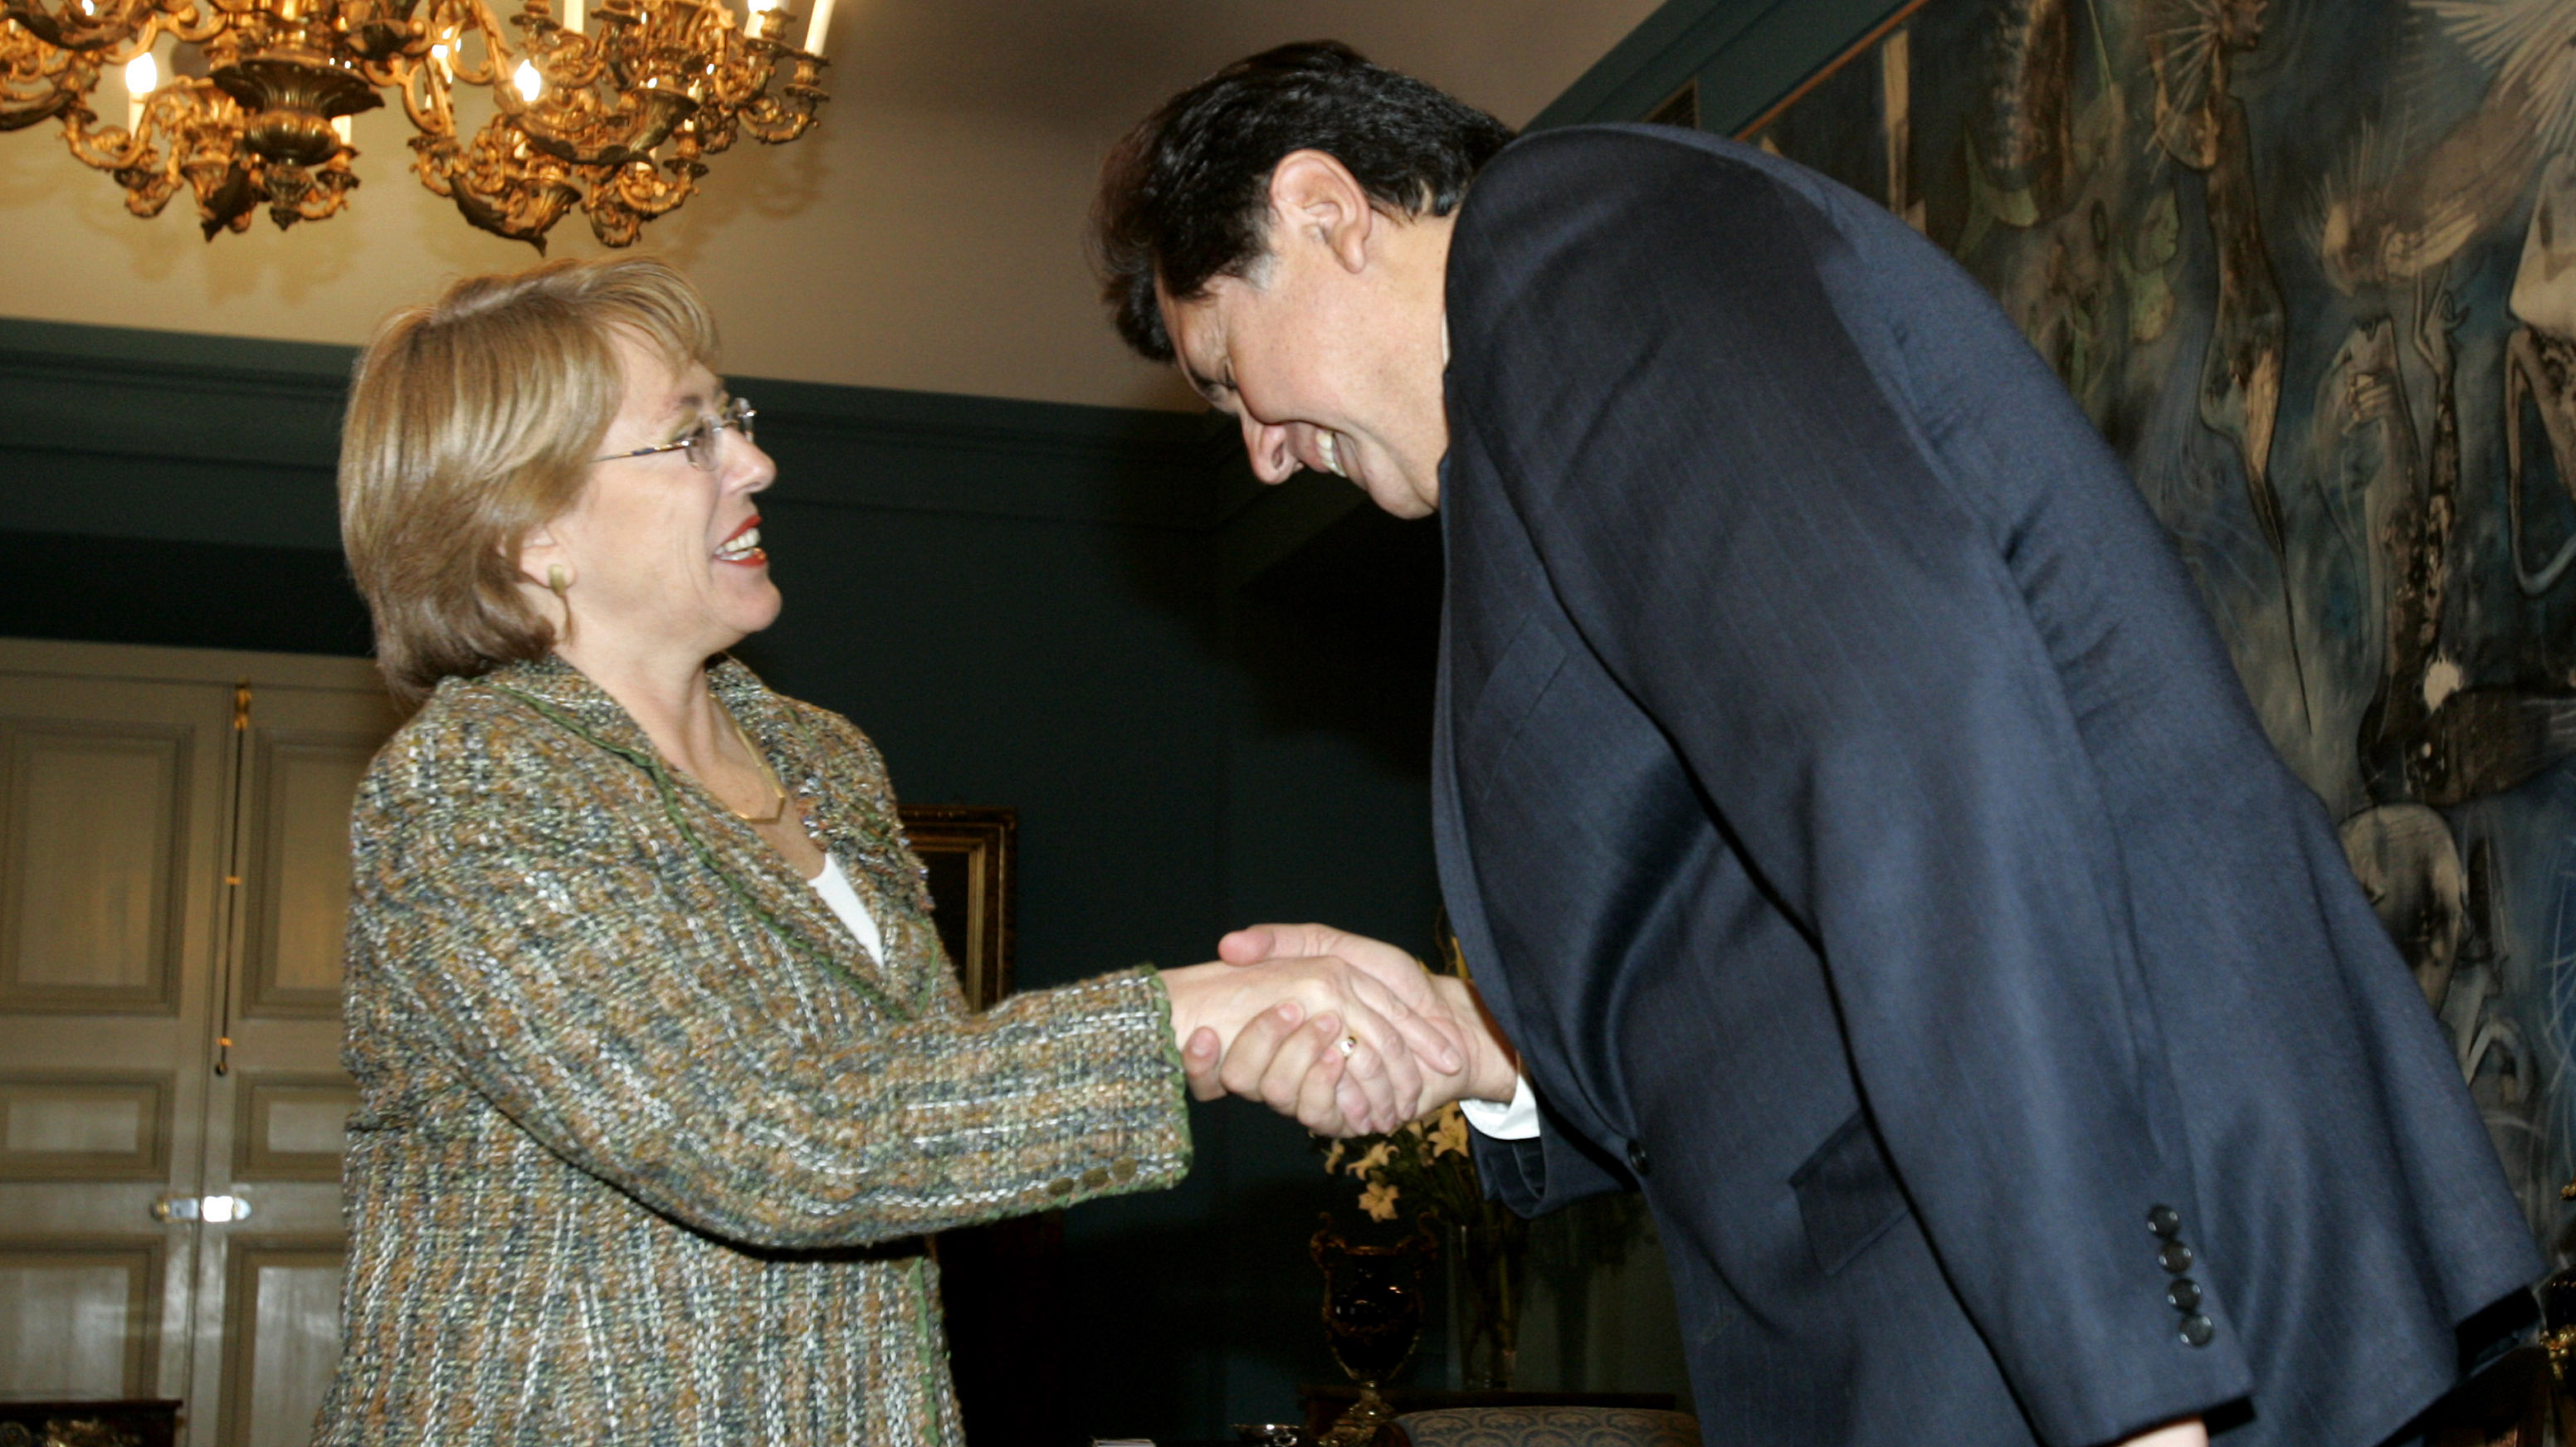 Cercano en el discurso, pero distante en los hechos: La ambivalente relación de Alan García con Chile